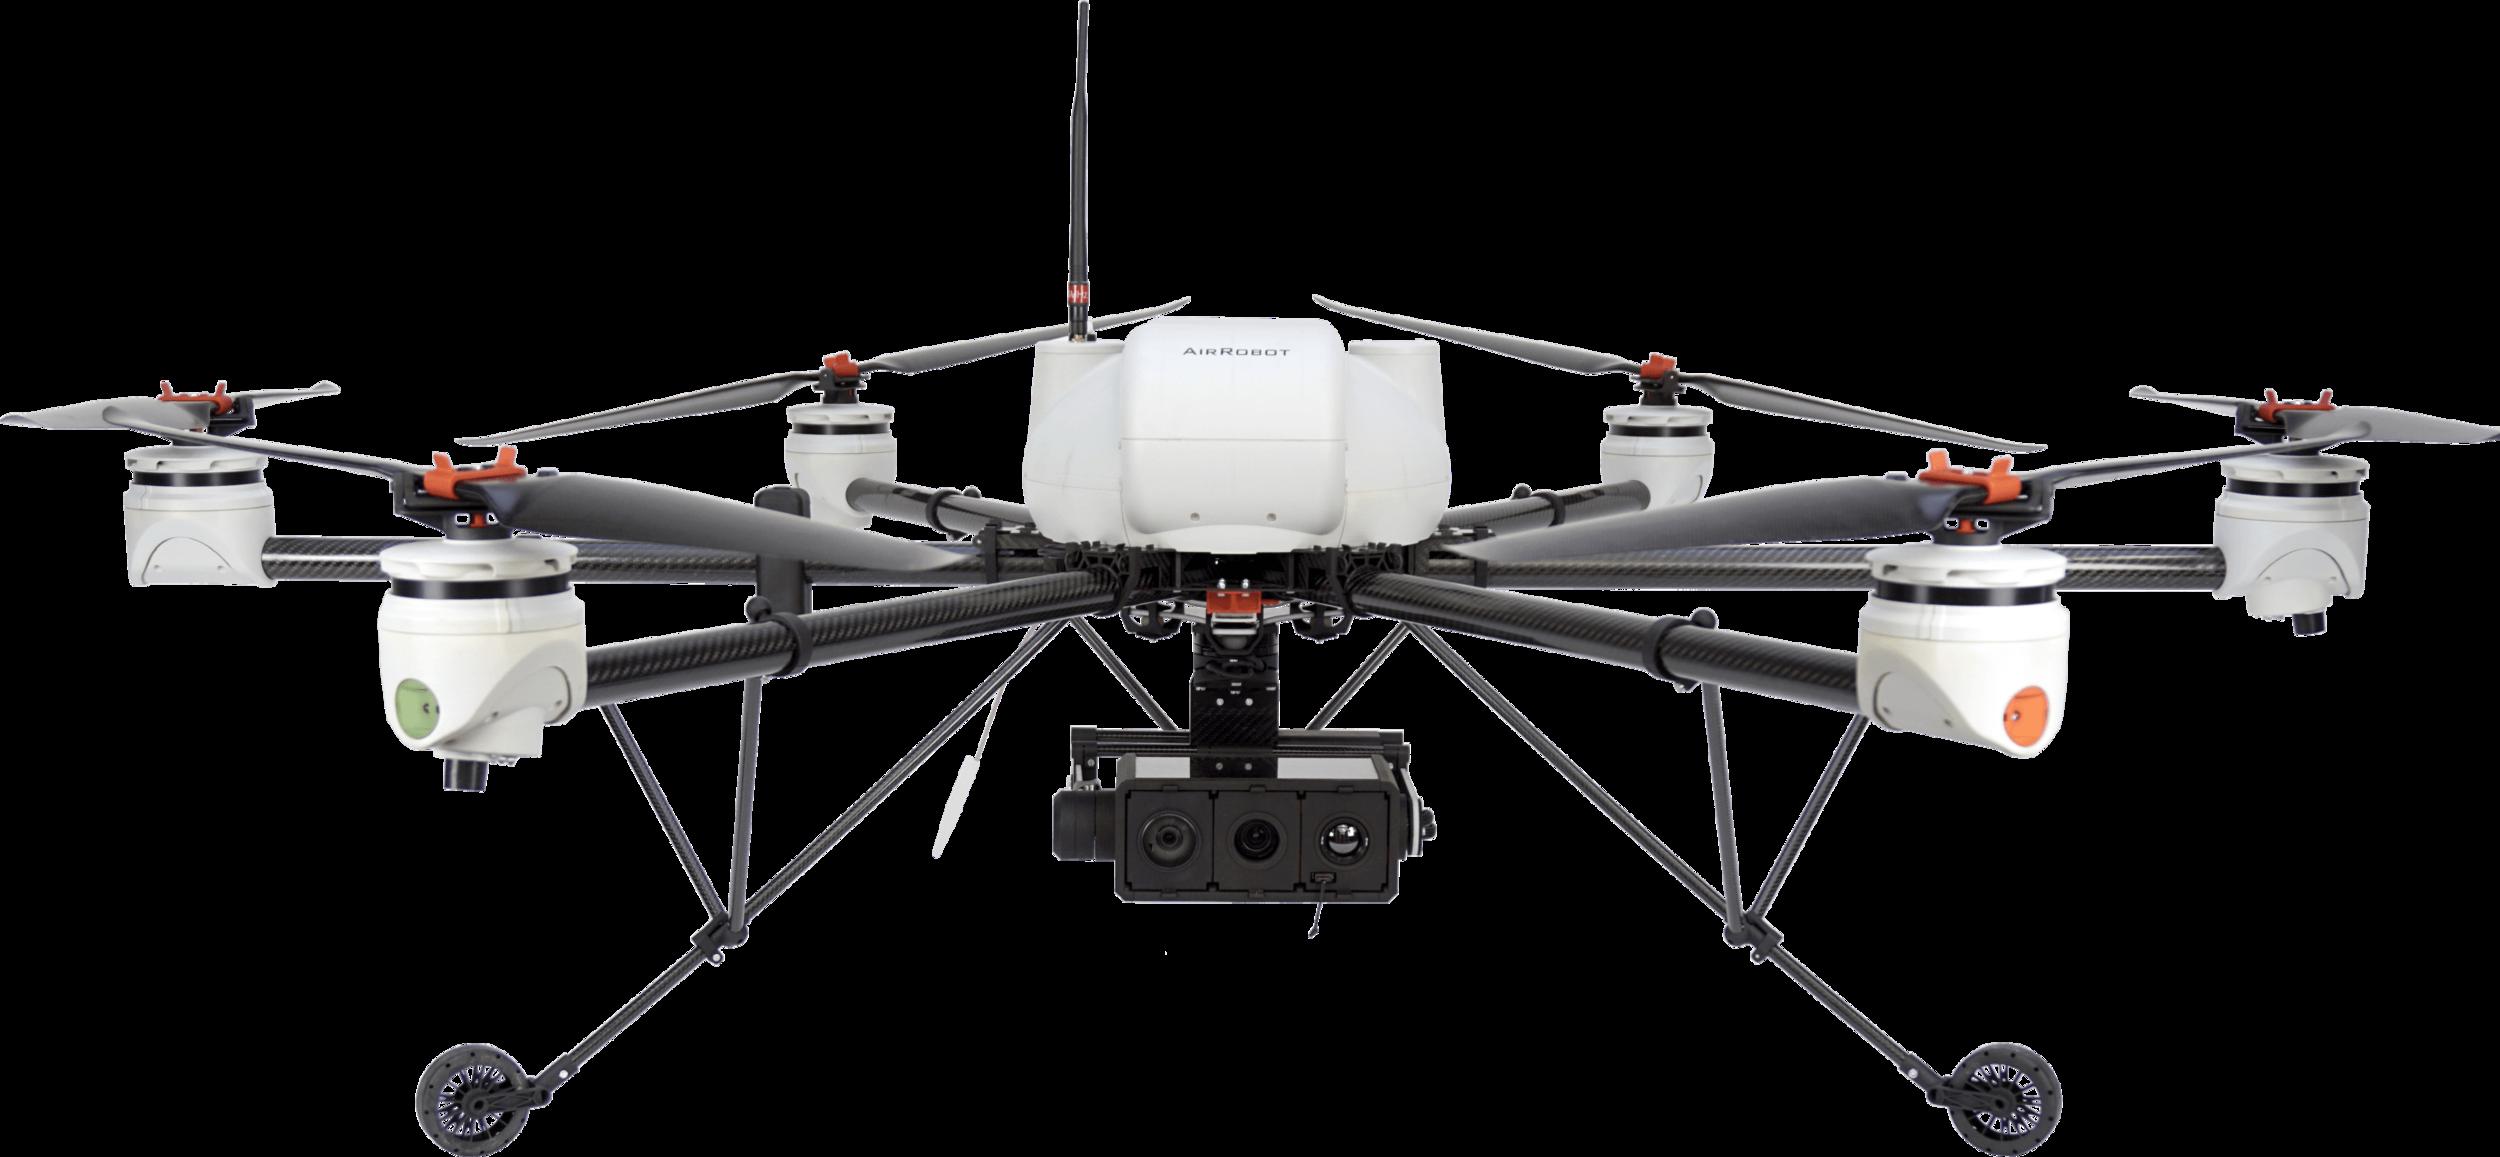 Airrobot AR200 - Specifications:45 minute flight times9kg weight3kg Payload3000m RangeModular Multi-Bay Gimbalhttps://www.airrobot.de/en-gb/ar200